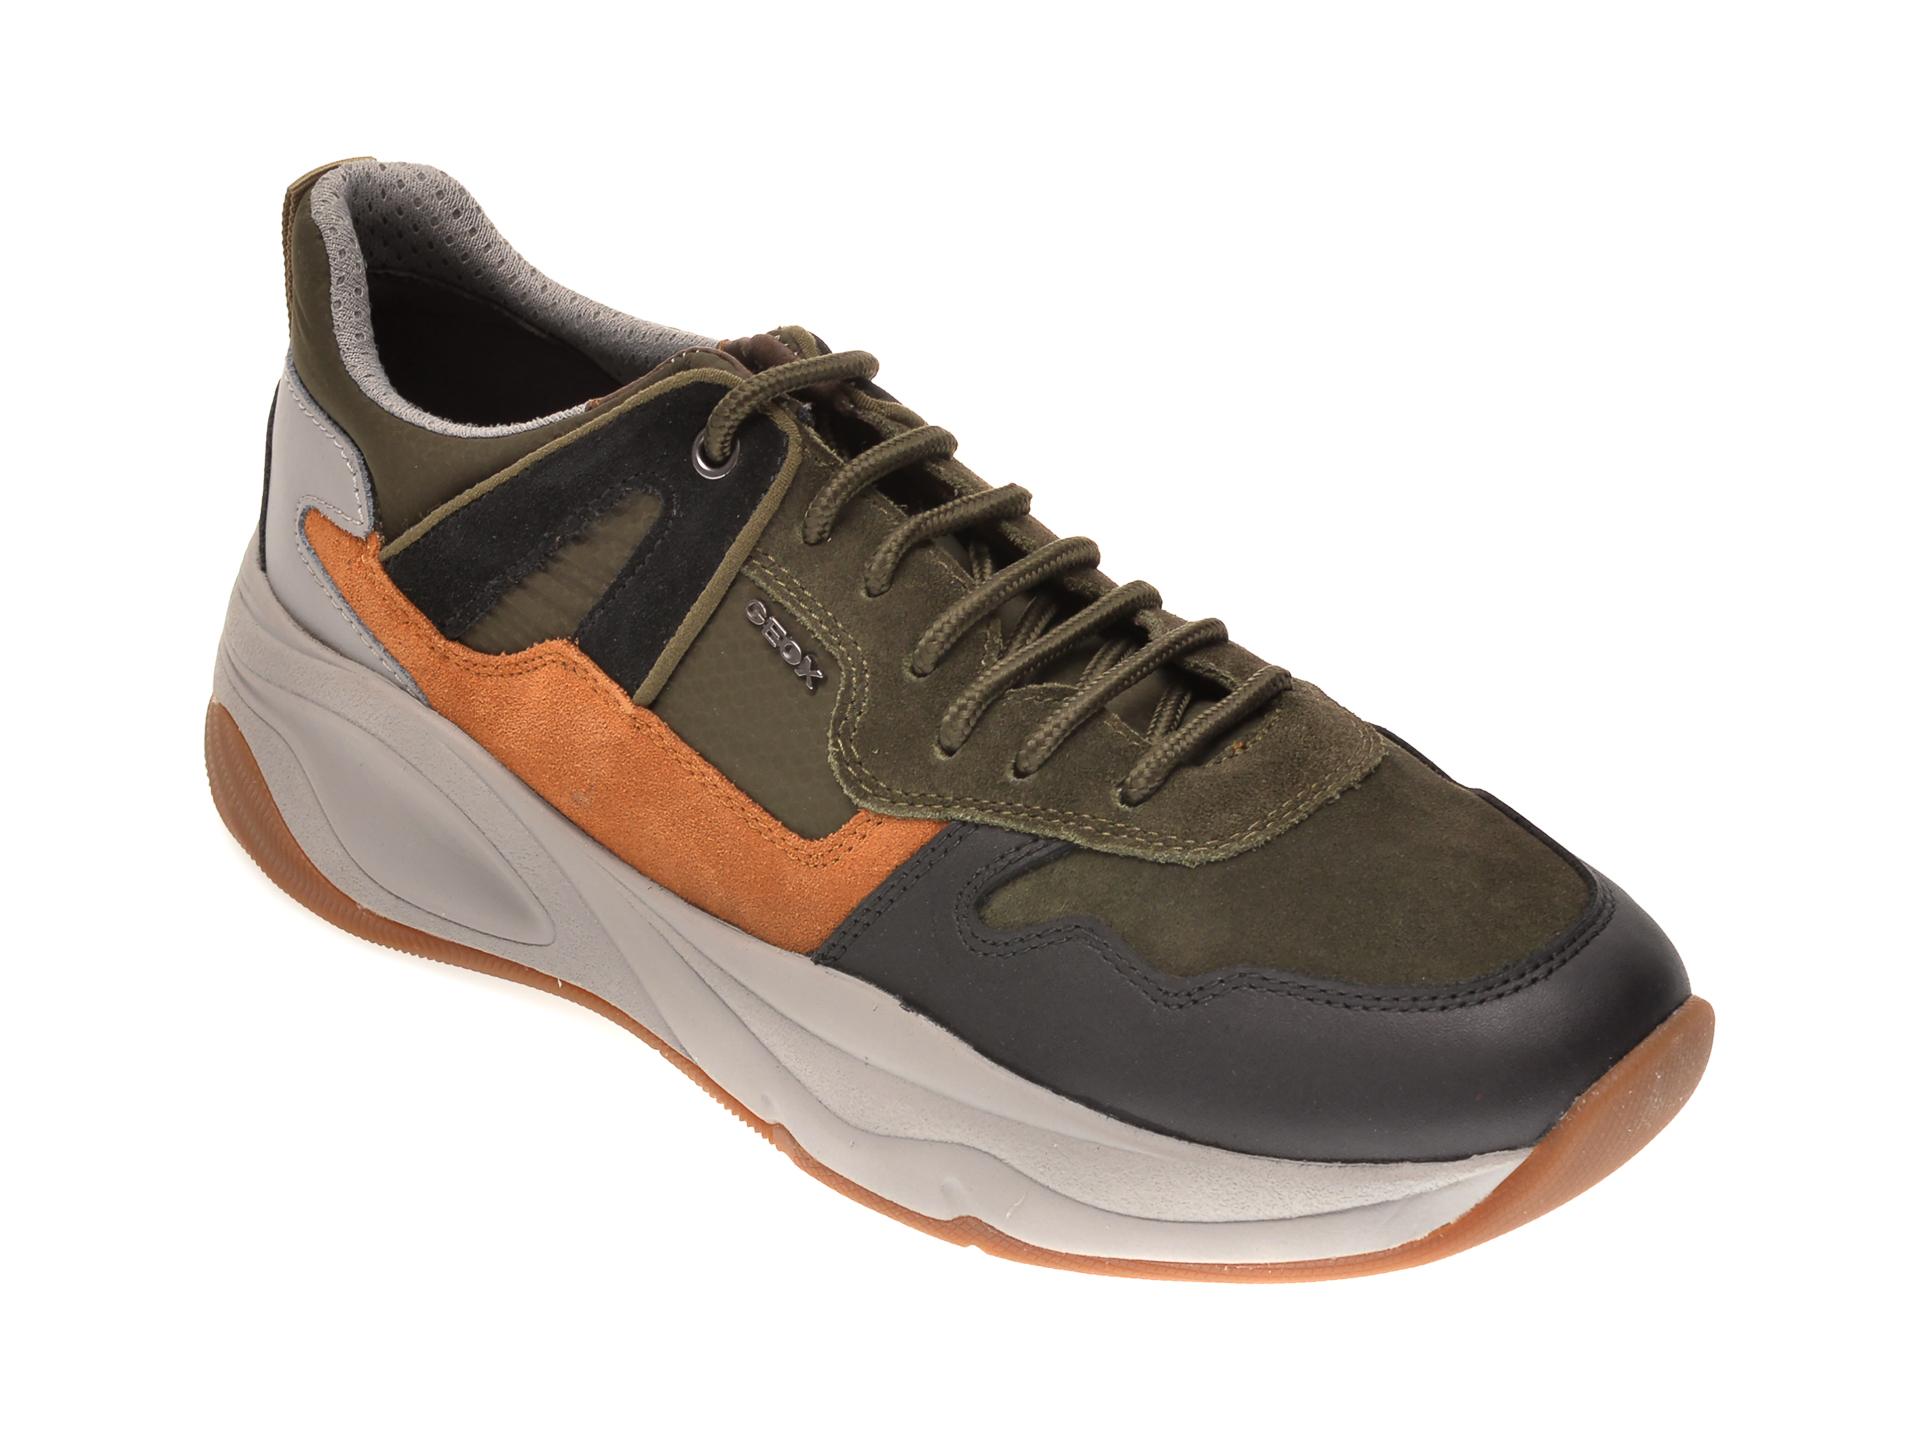 Pantofi sport GEOX multicolor, U04ASA, din piele intoarsa imagine